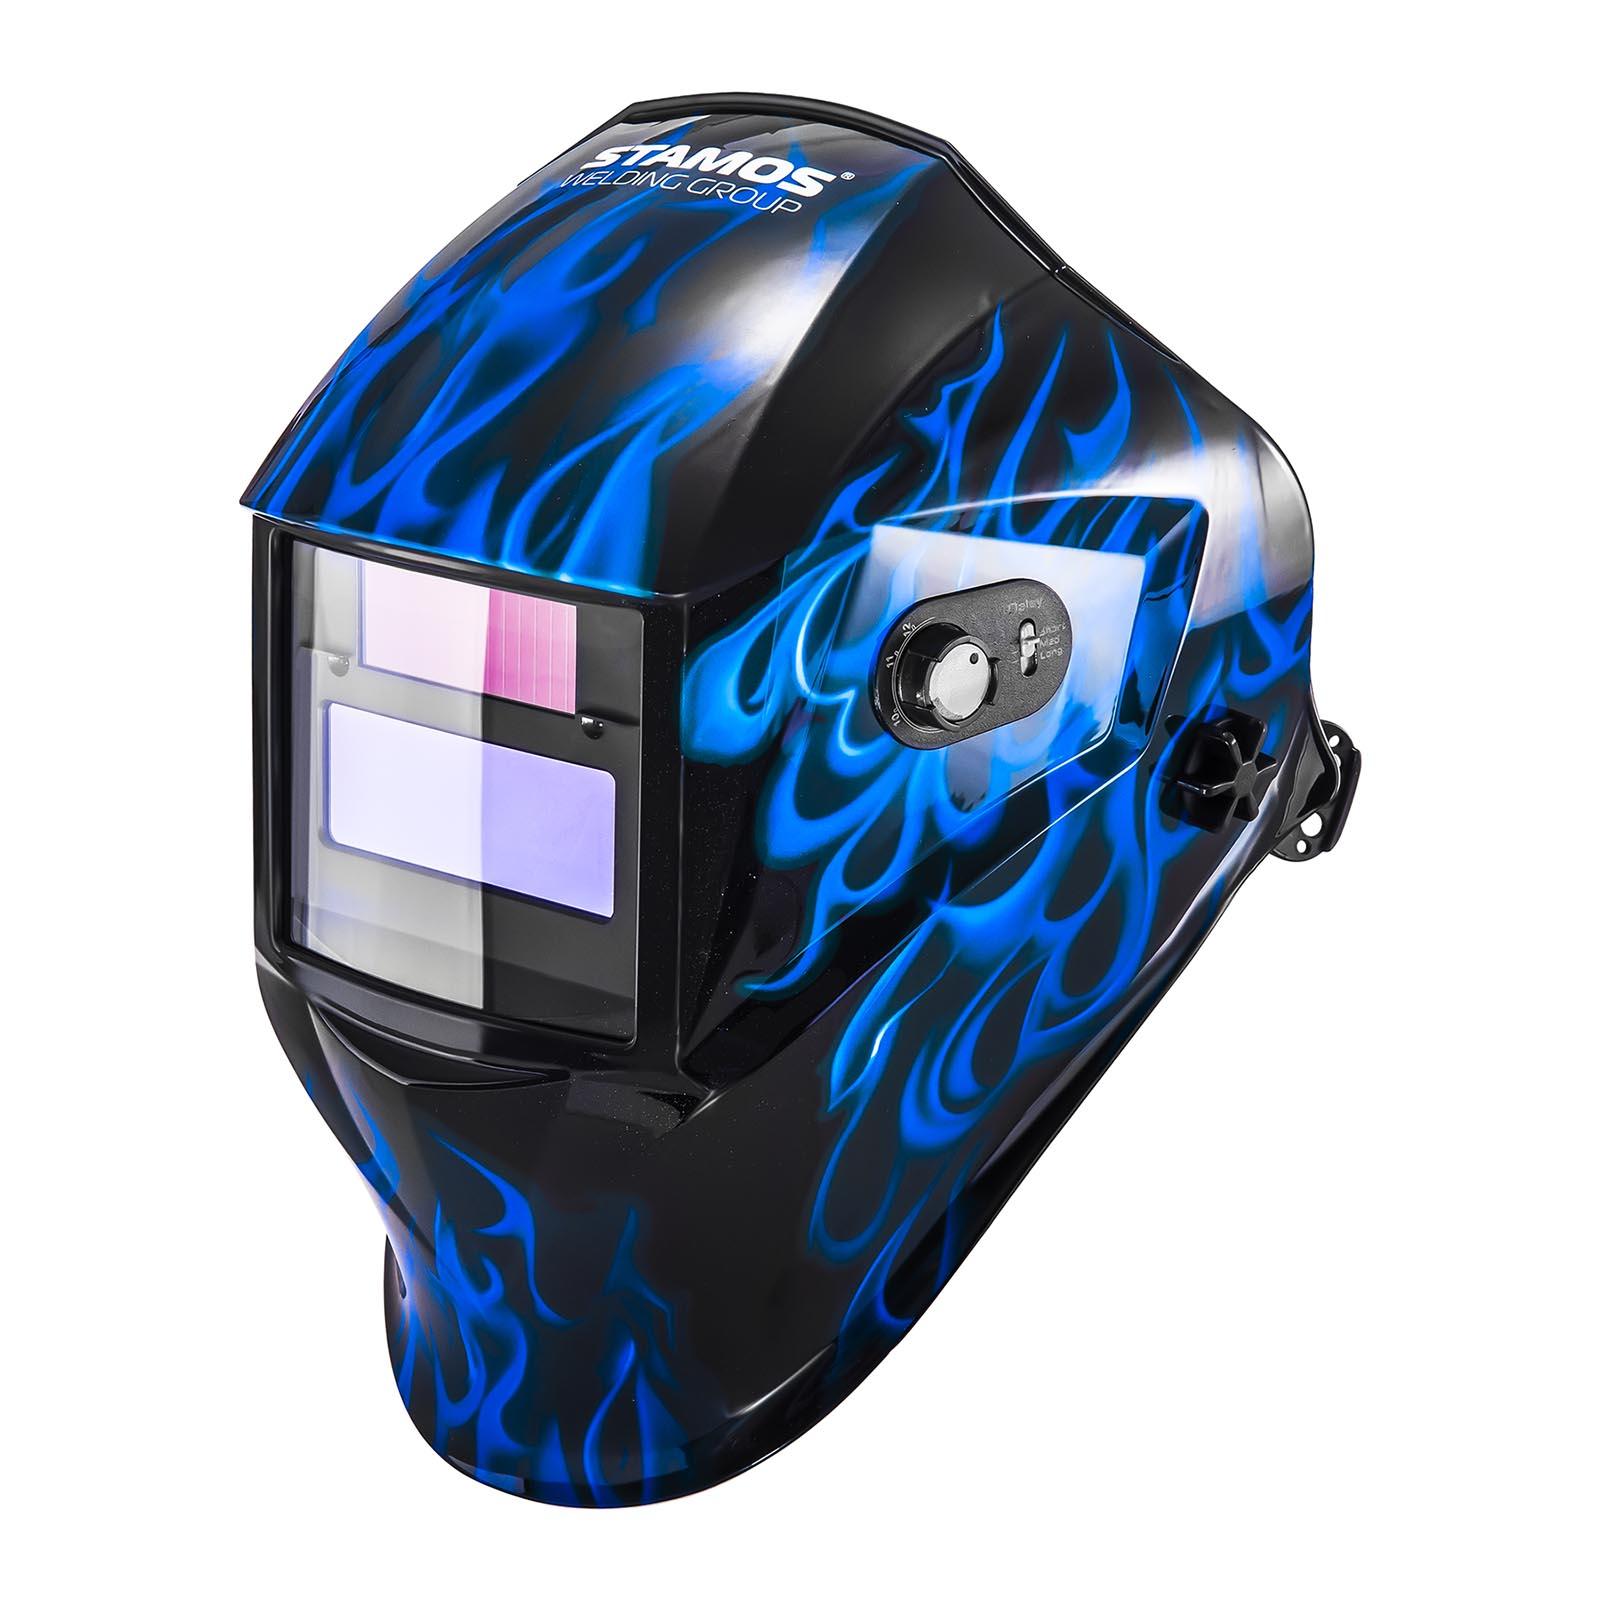 masque de soudage automatique casque de soudure. Black Bedroom Furniture Sets. Home Design Ideas